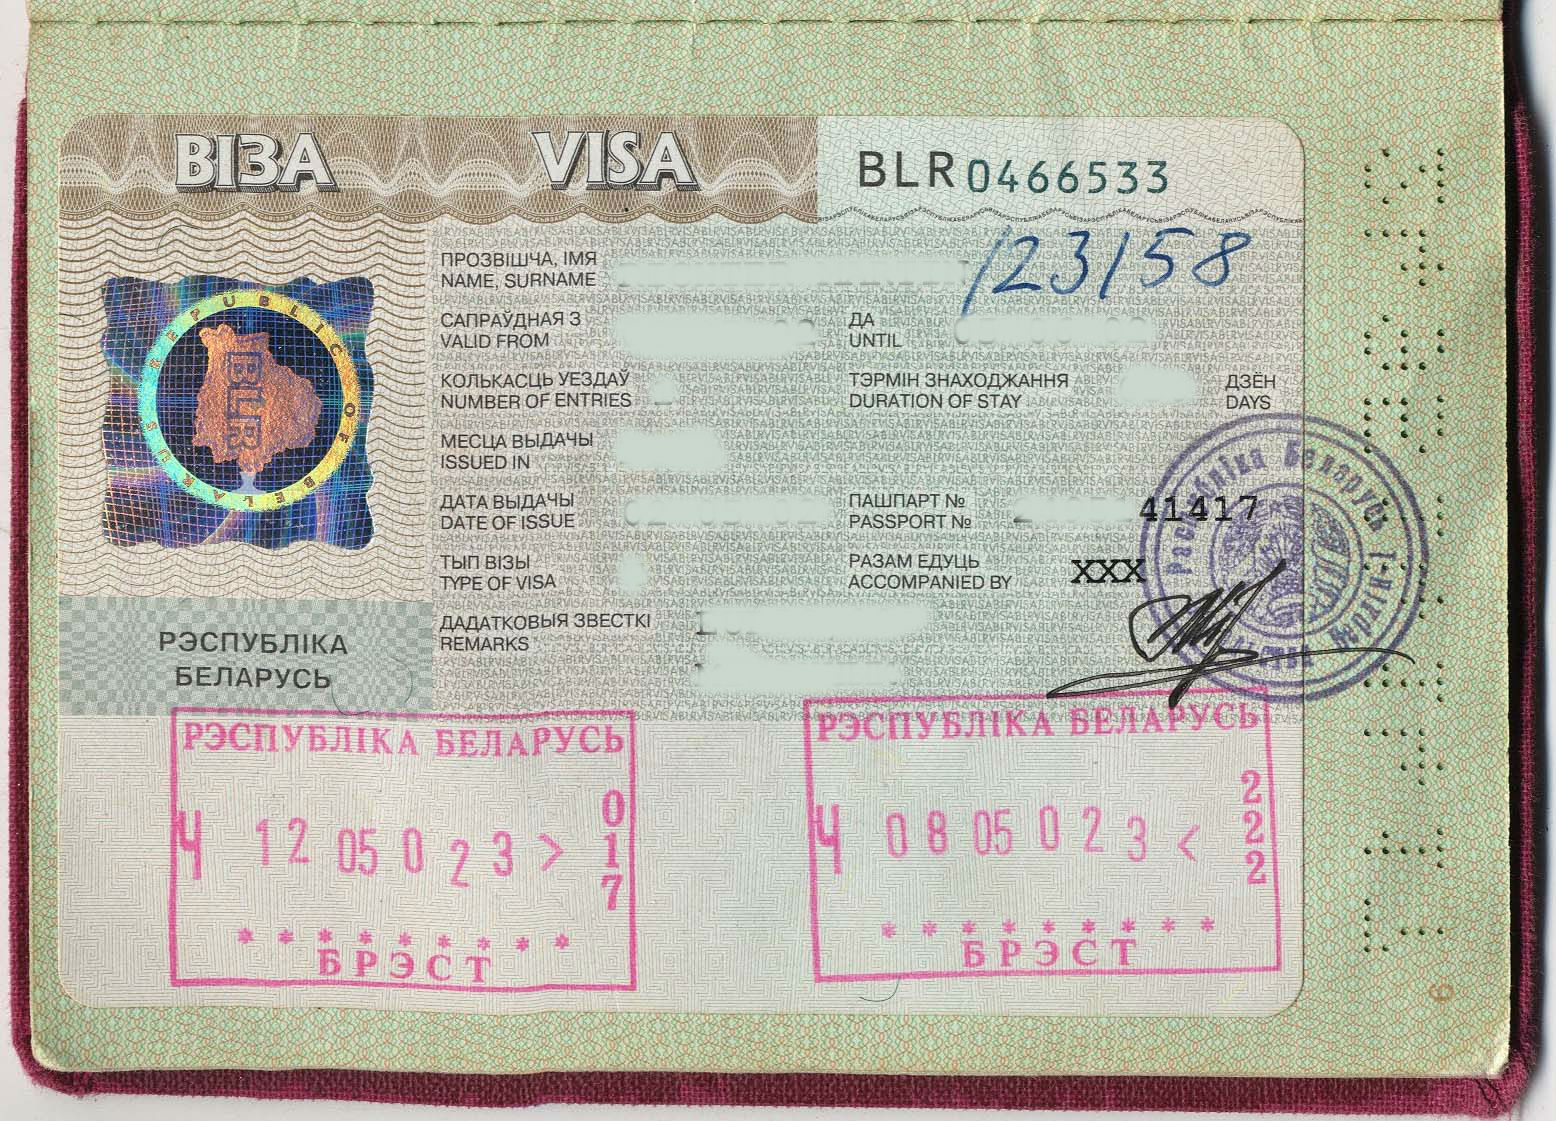 Belarus visa